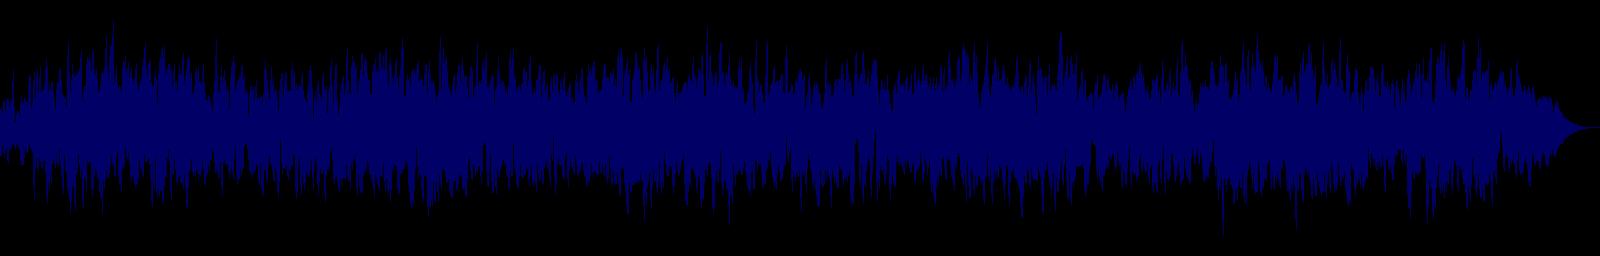 waveform of track #131952